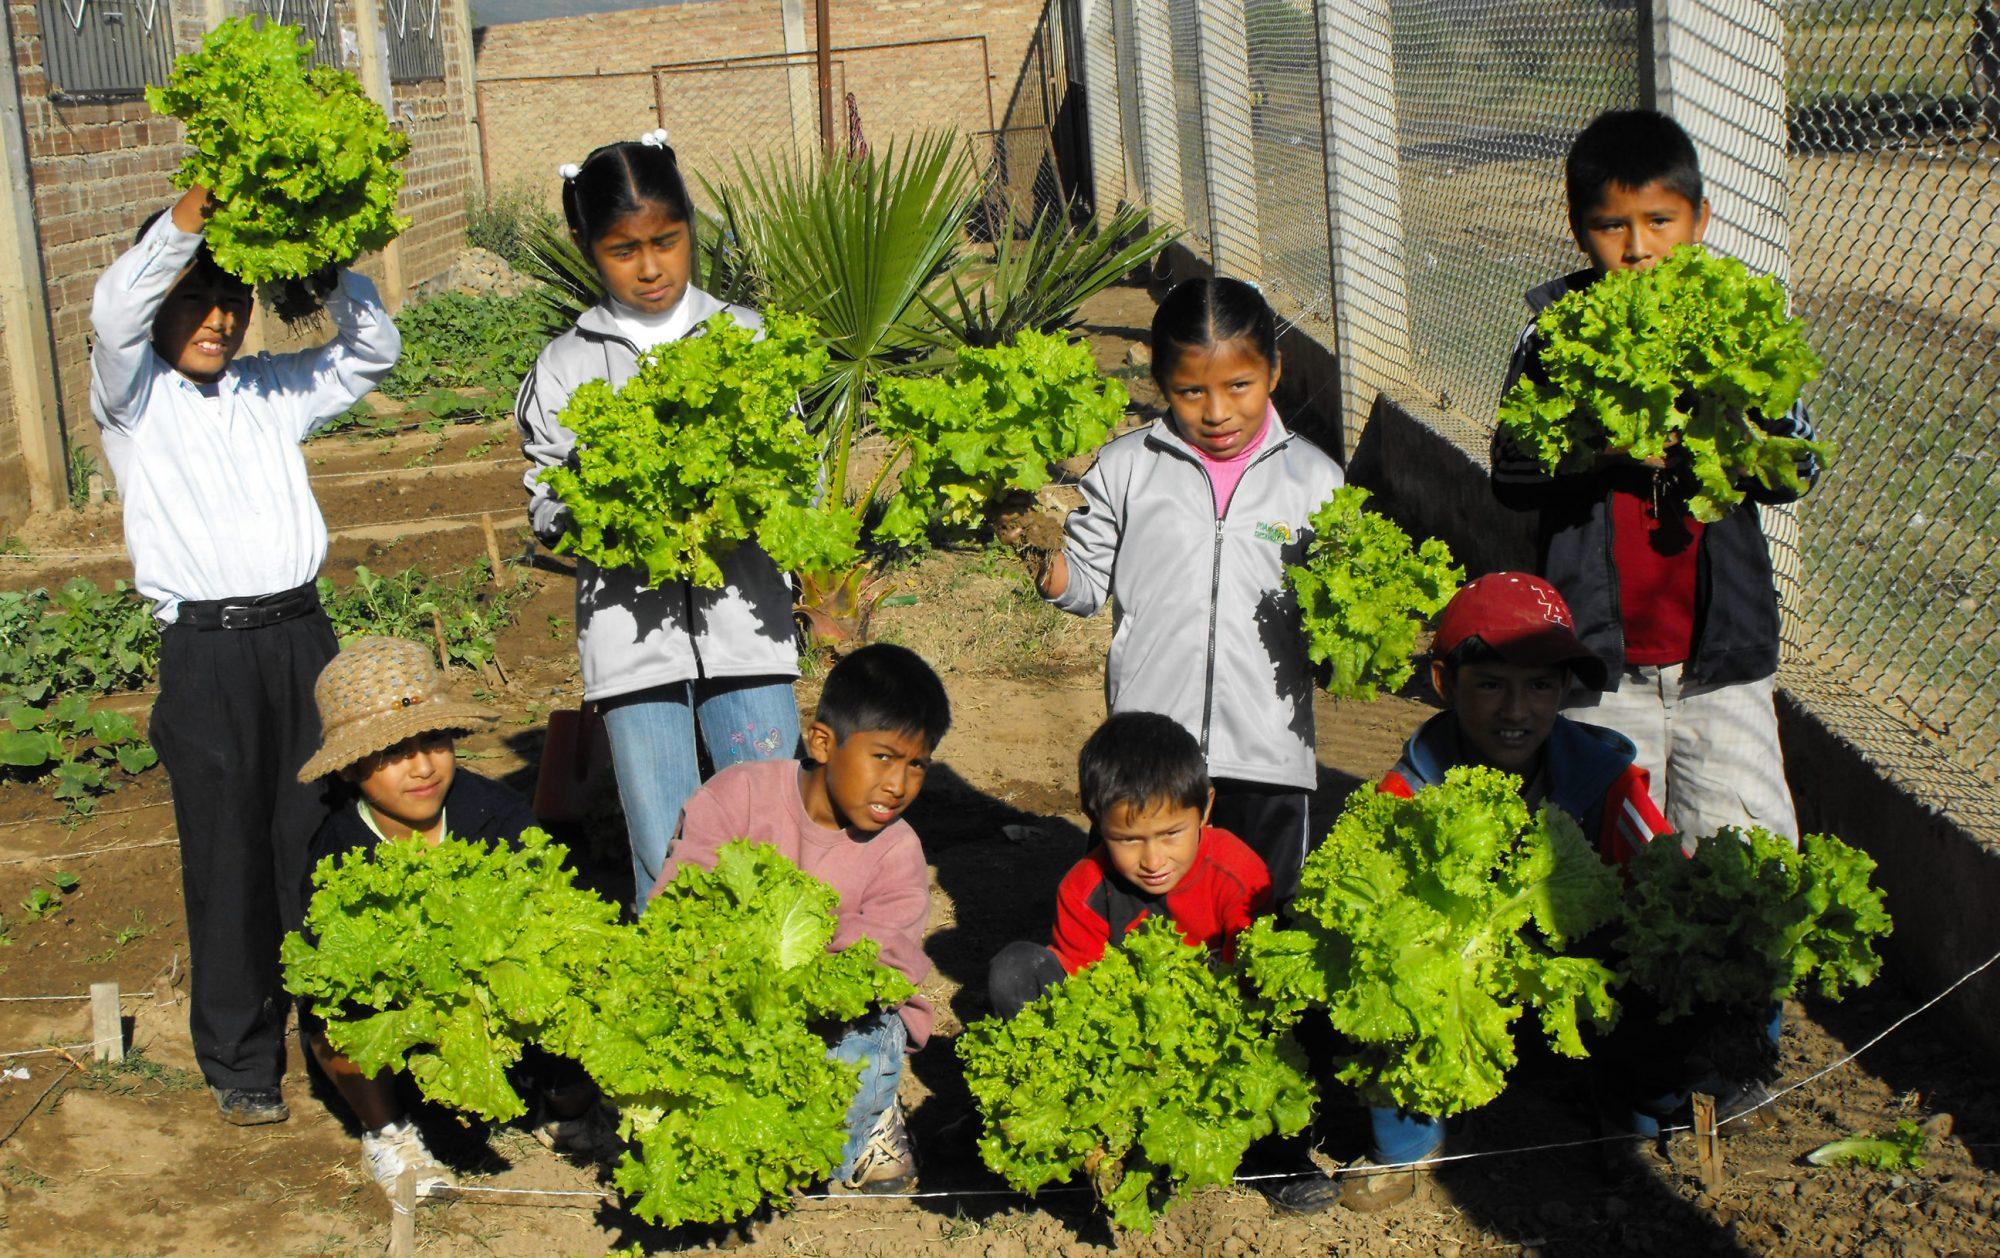 NME MUNDIAL: Iedereen elke dag verse groente, ook in Bolivia